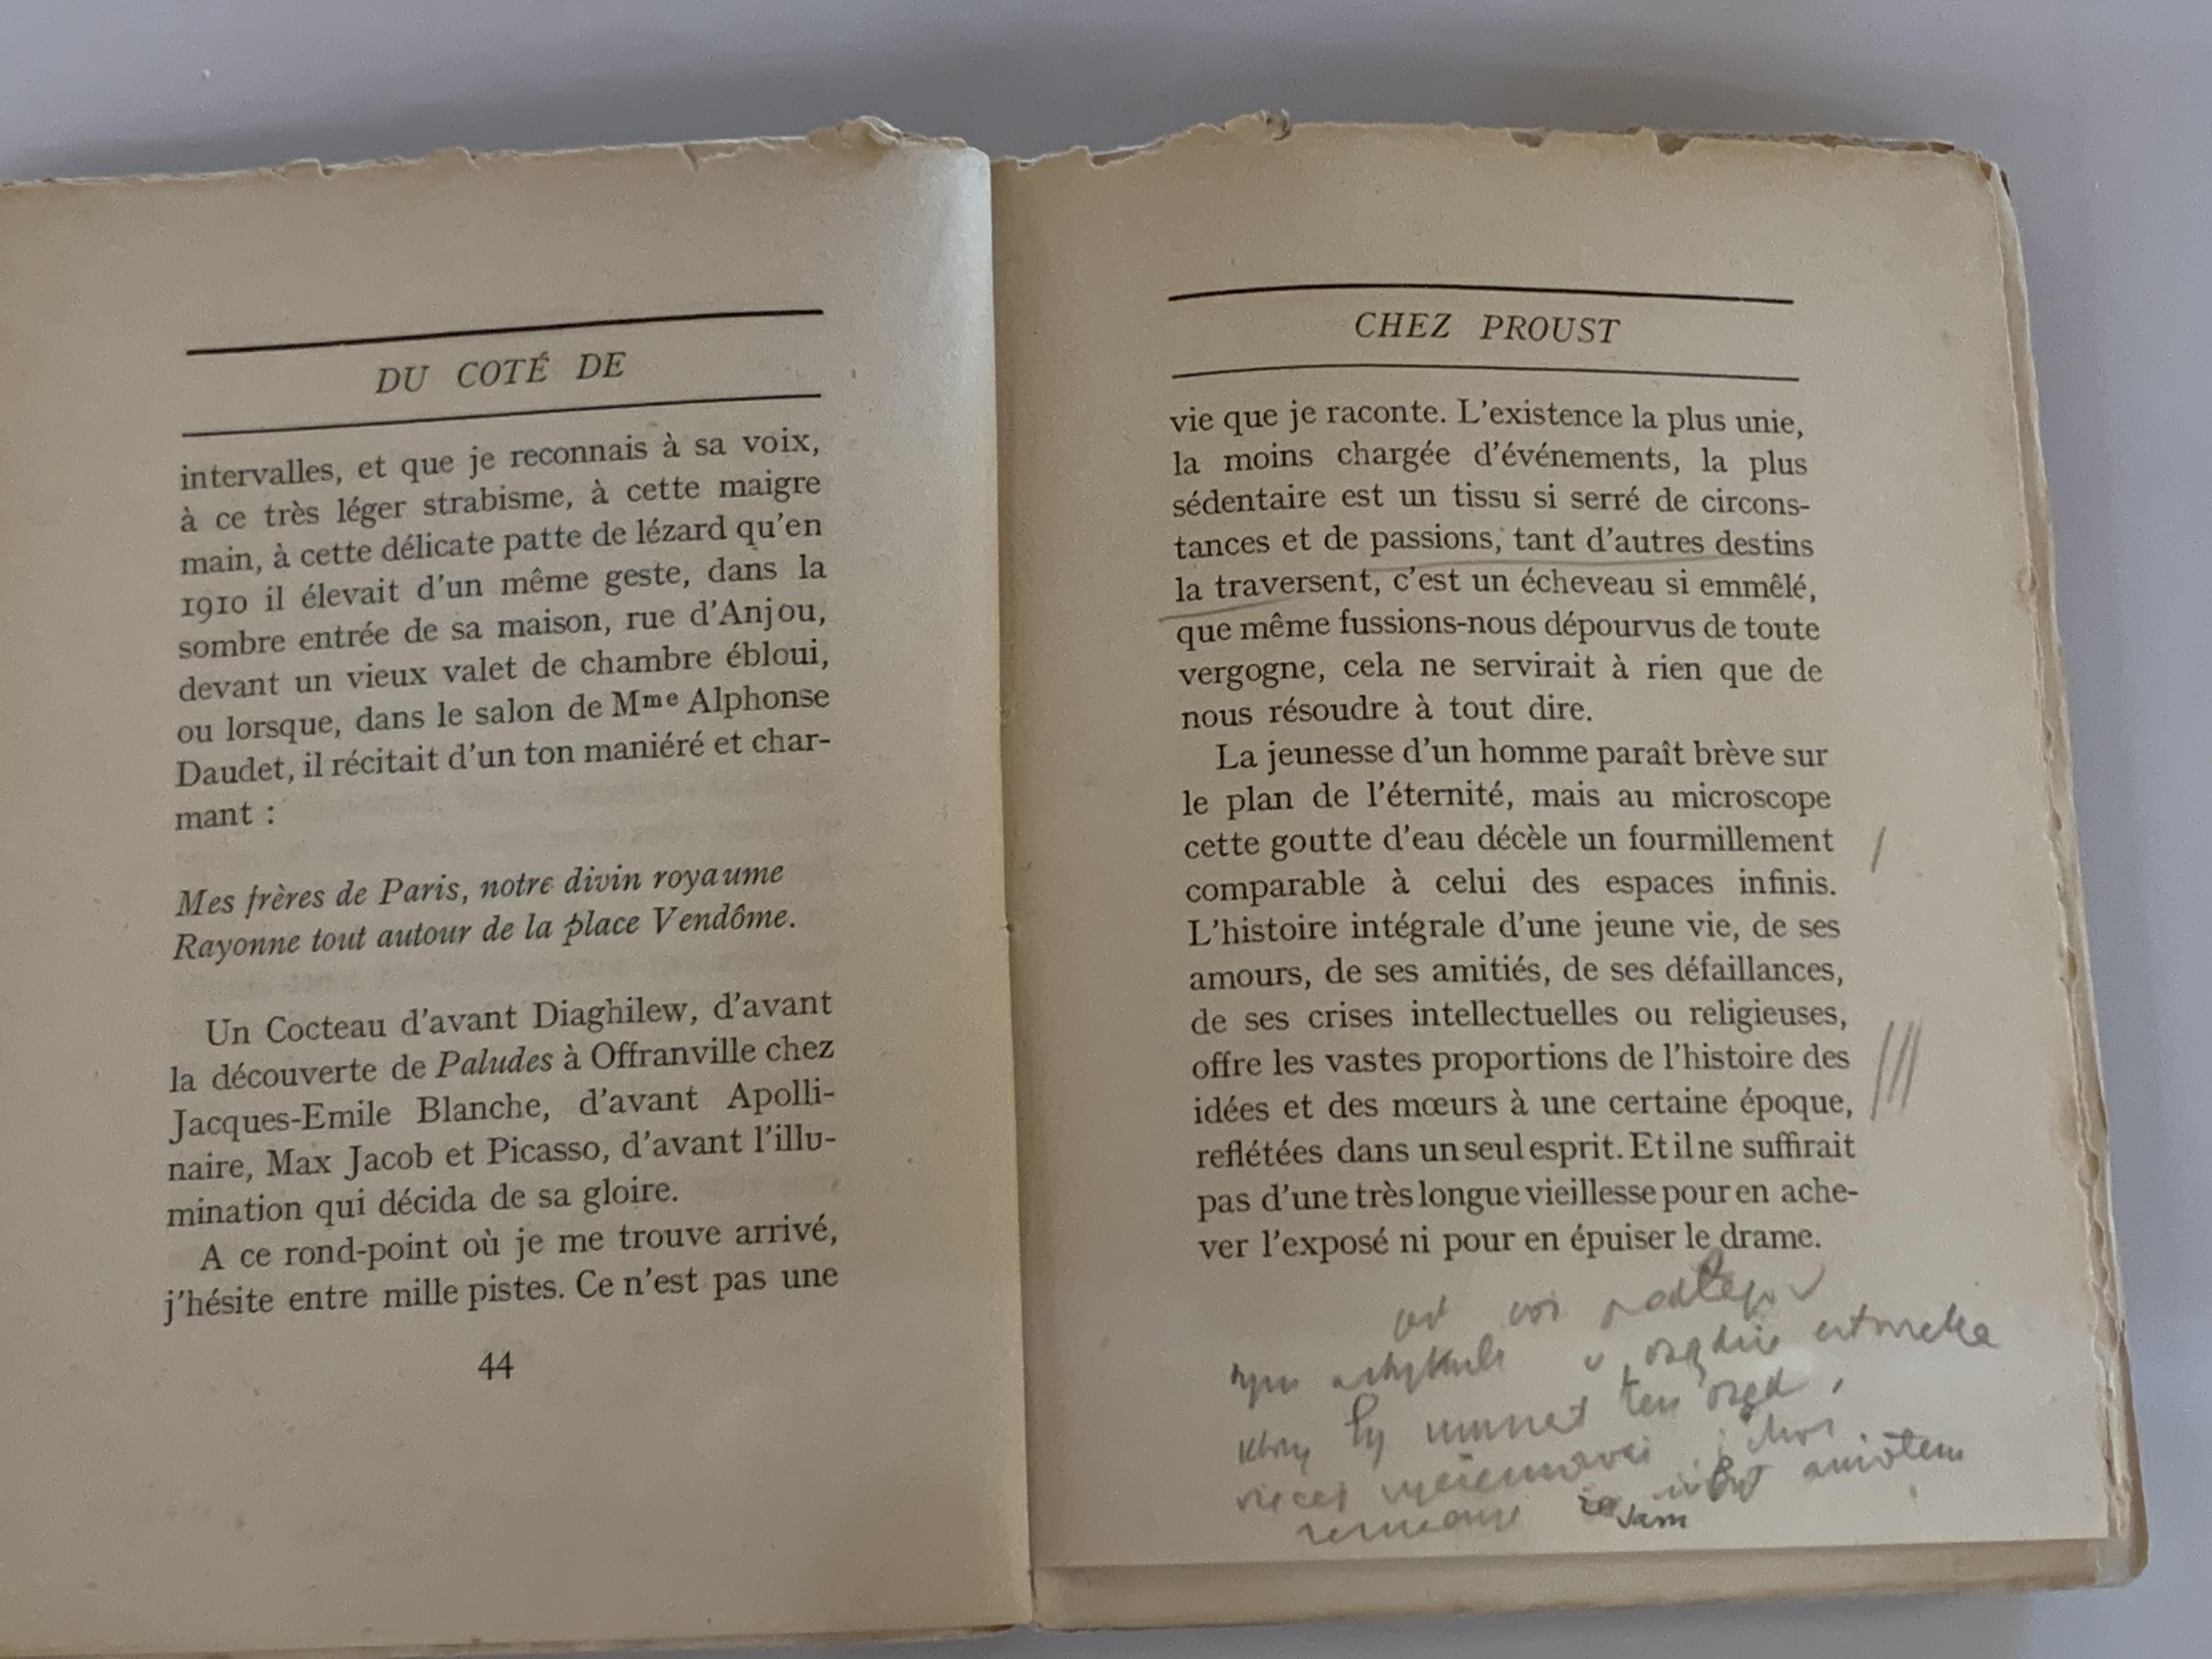 """Книга Франсуа Мориака """"В направлении Пруста"""" с пометками Юзефа Чапского представлена на выставке в Фонде Яна Михальского. La Table ronde, Париж, 1947 г. Частная коллекция"""